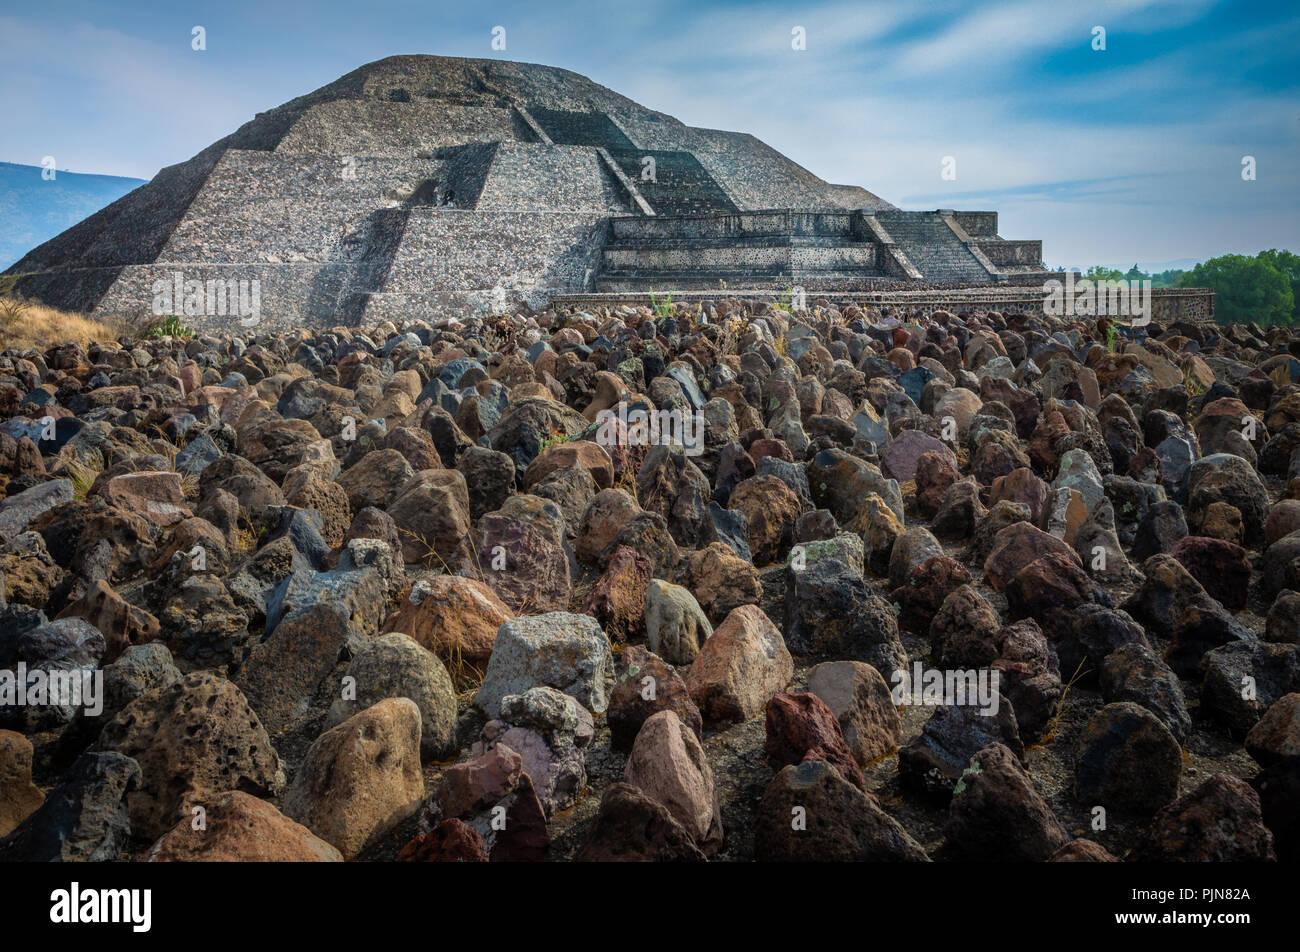 La pyramide de la Lune est la deuxième plus grande pyramide dans le San Juan Teotihuacán, Mexique, après la Pyramide du soleil. Photo Stock